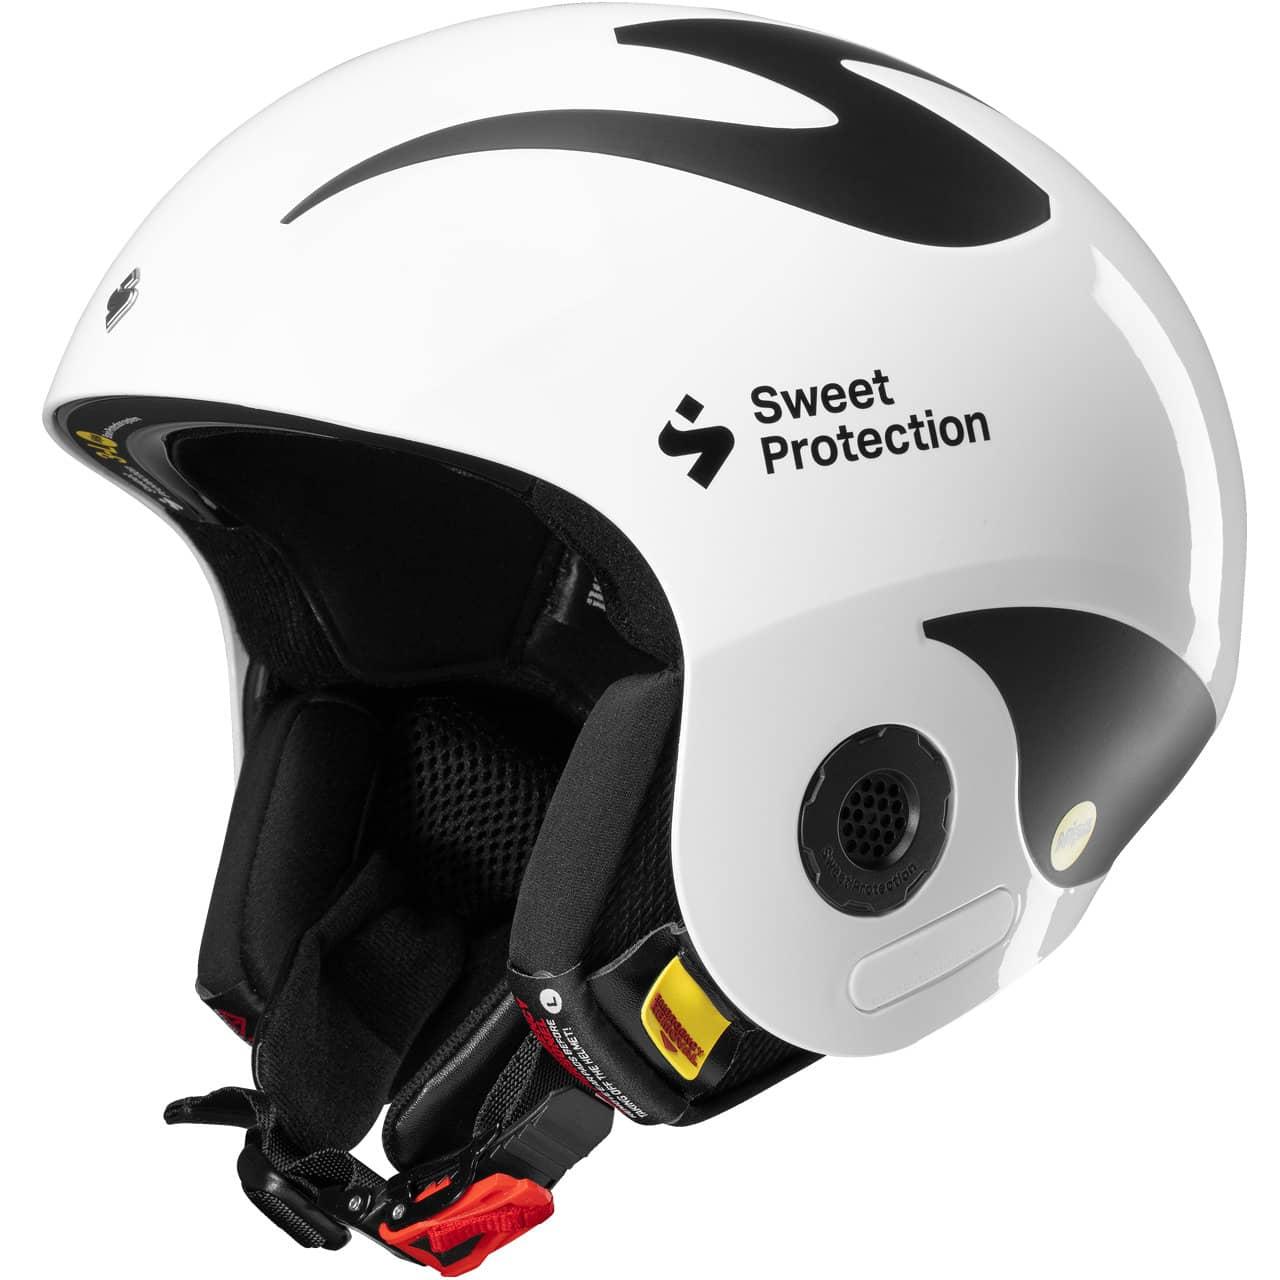 Sweet Protection Ski Mode günstig online kaufen